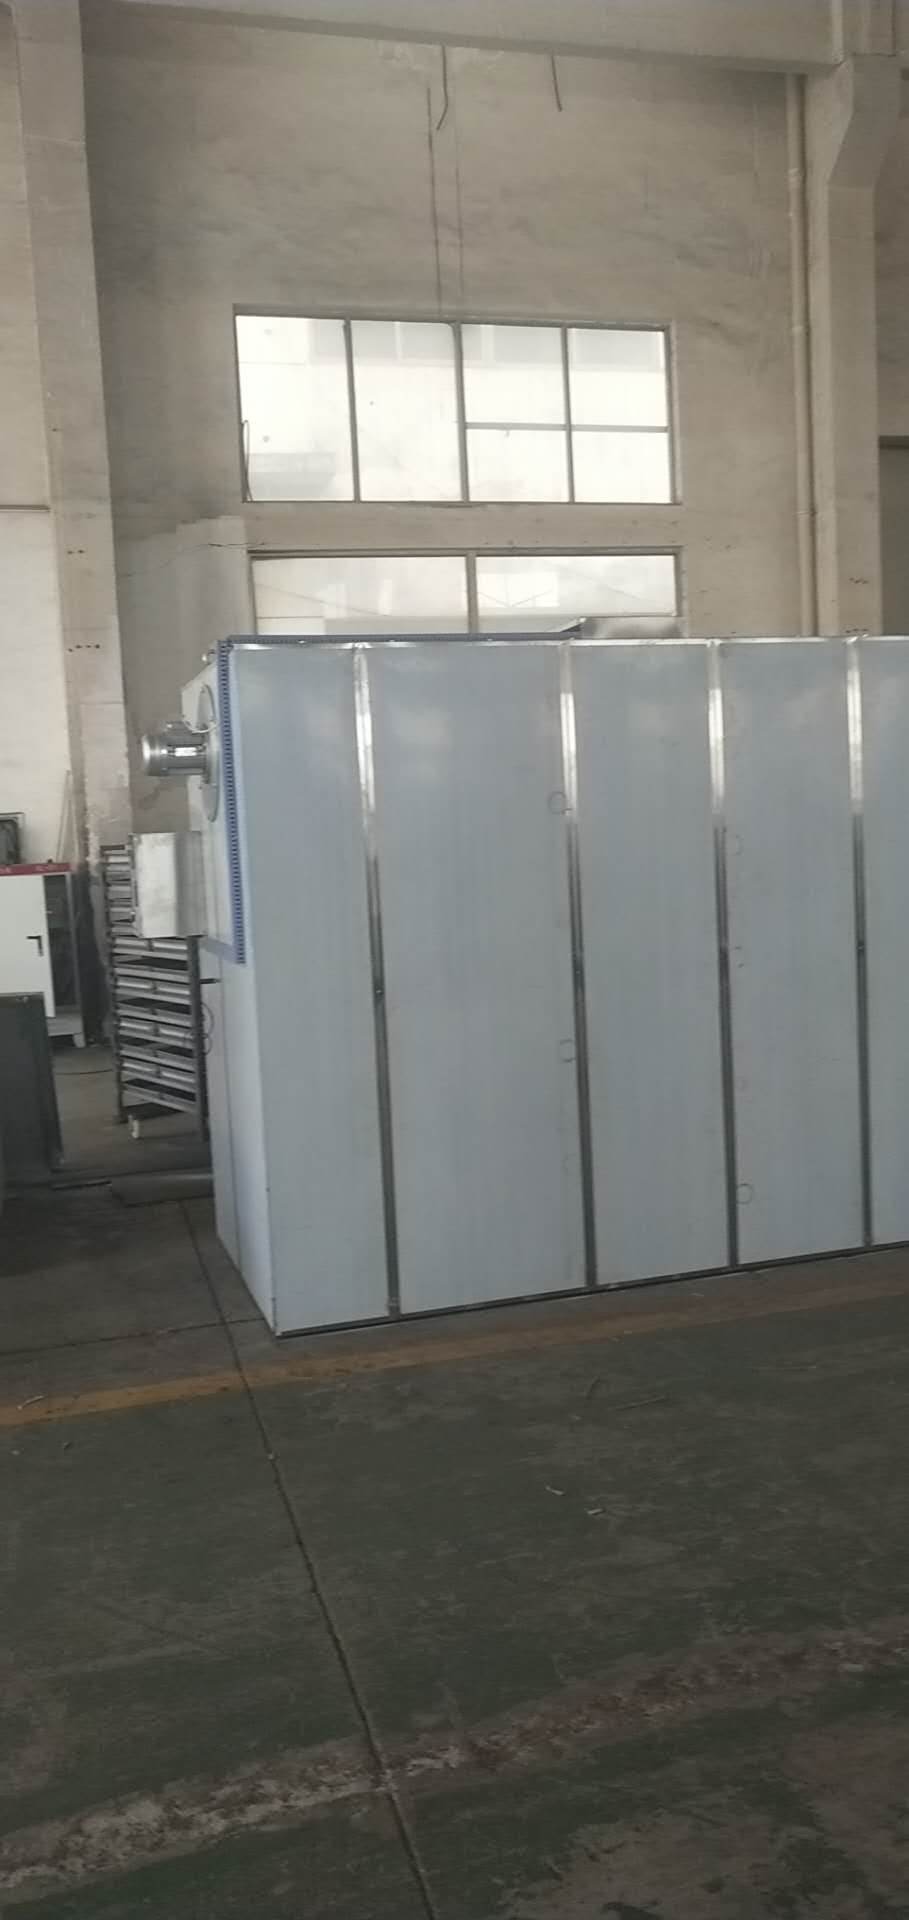 江苏恒温烘箱公司 推荐咨询 常州耀飞干燥设备供应